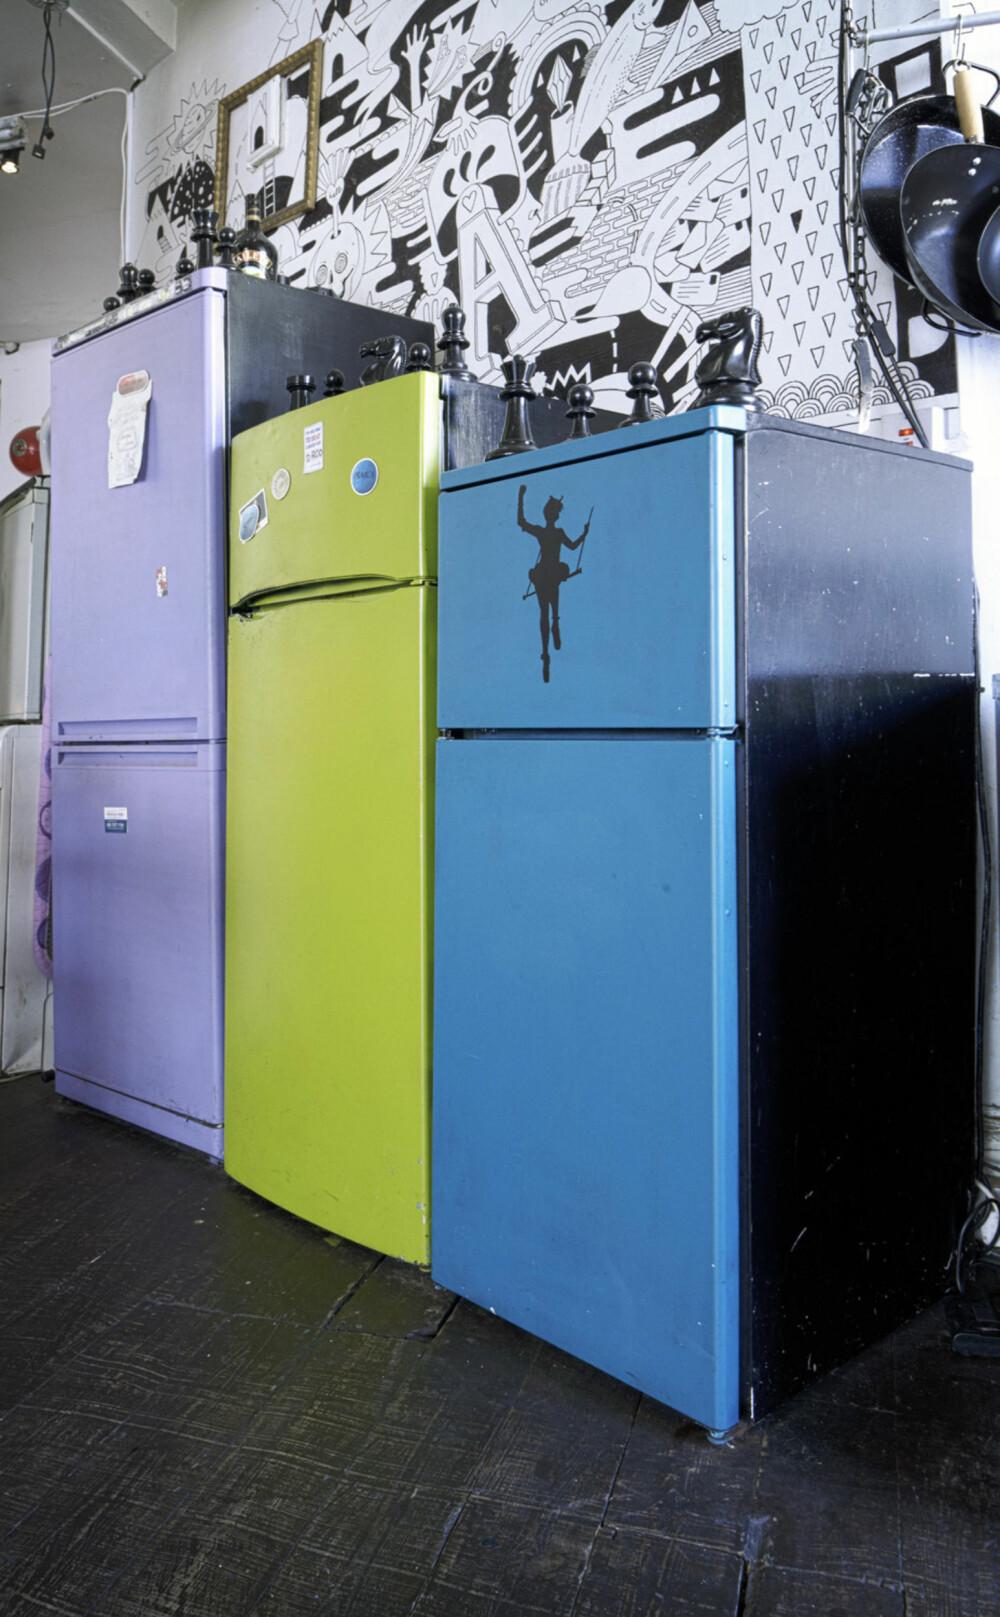 FARGERIKE KJØLESKAP: Ana og mannen flyttet inn i den ubebodde lagerbygningen i Whitechapel for to år siden. De tok med seg flere gamle møbelfunn fra den forrige leiligheten deres, som for eksempel disse tre fargerike kjøleskapene.